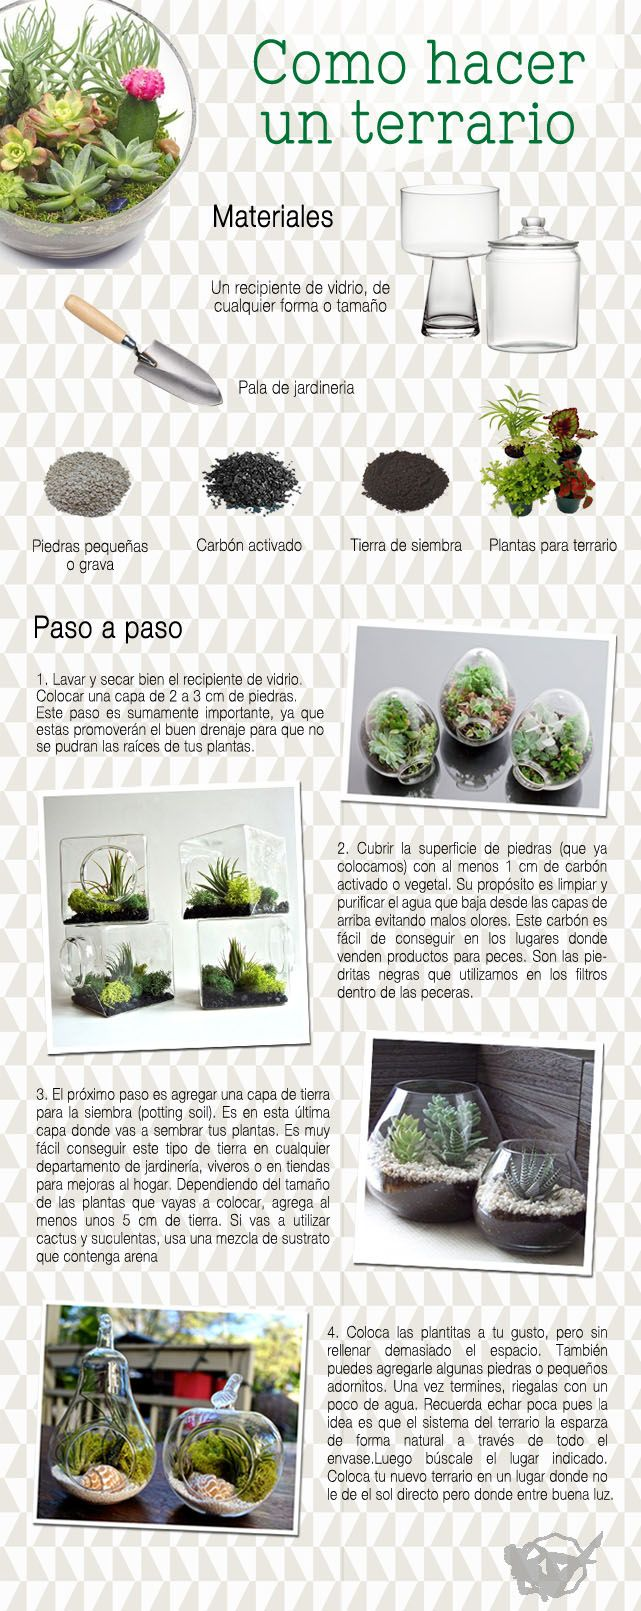 Un terrario es básicamente un invernadero miniatura donde se reproducen ciertas condiciones ambientales que ayudan a mantener vivo un pequeño jardín dentro de un envase, usualmente de cristal. Crear